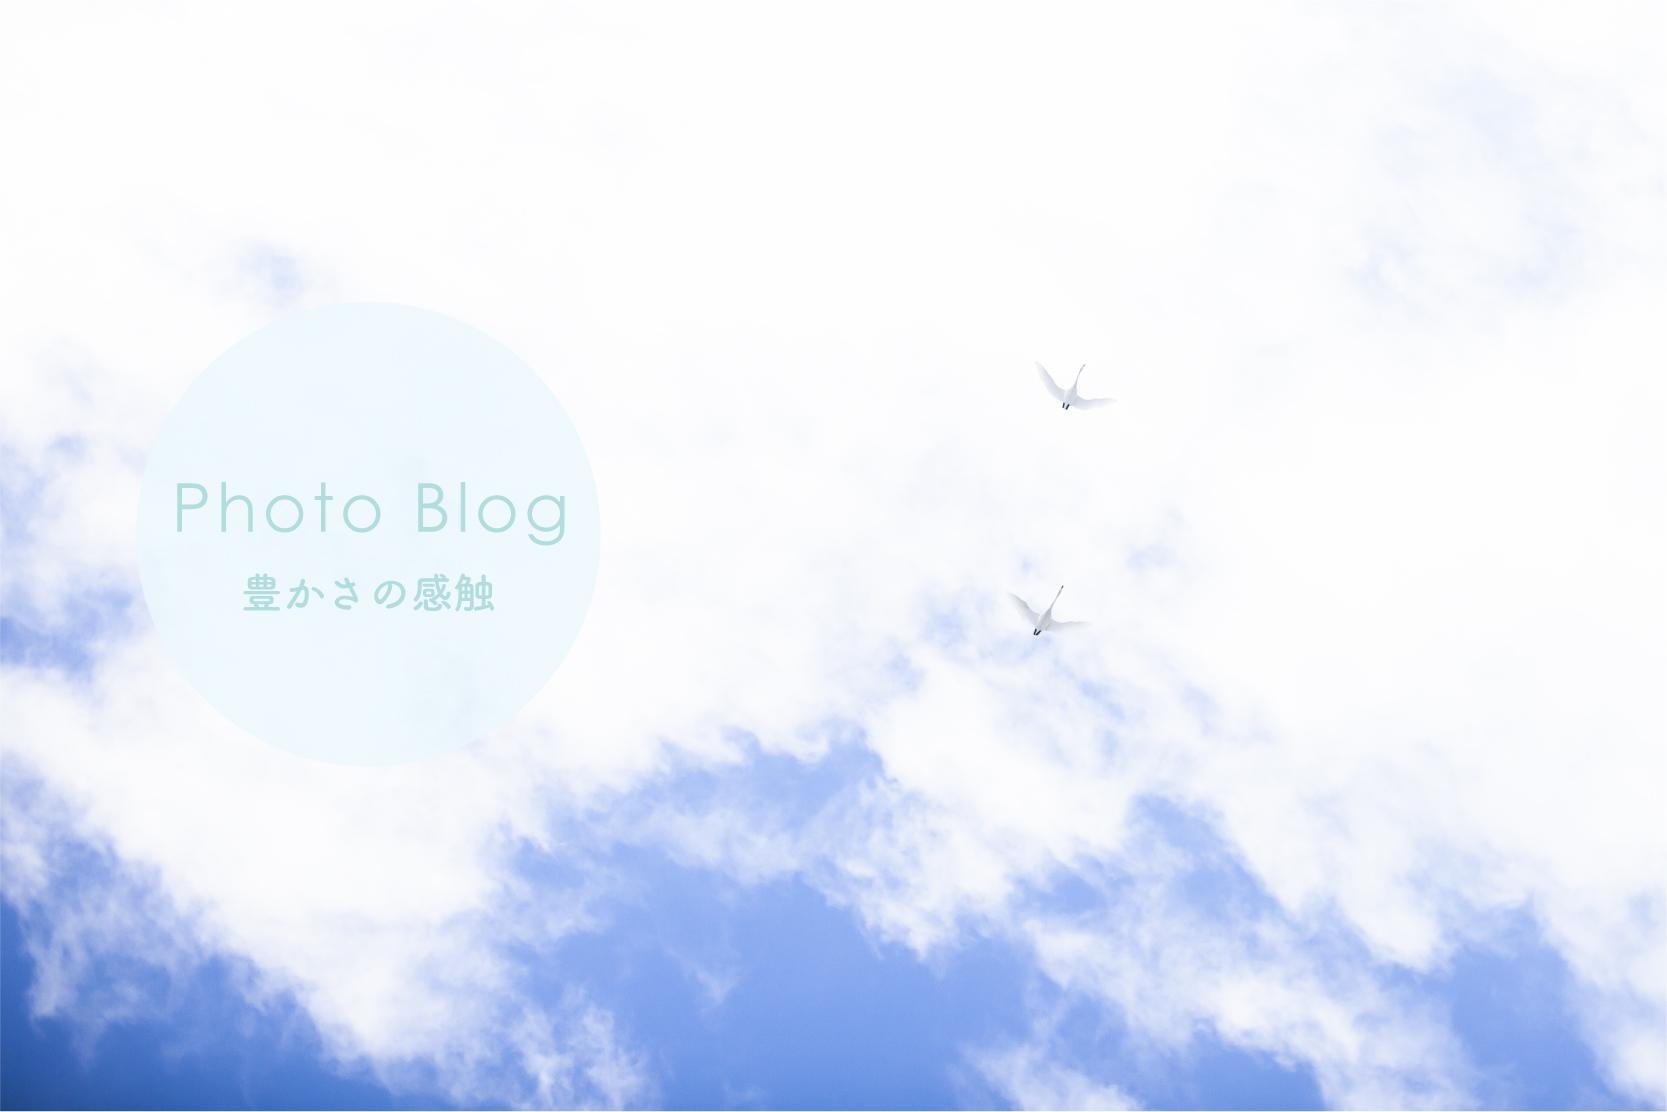 ゆったりセラピーフォトブログ